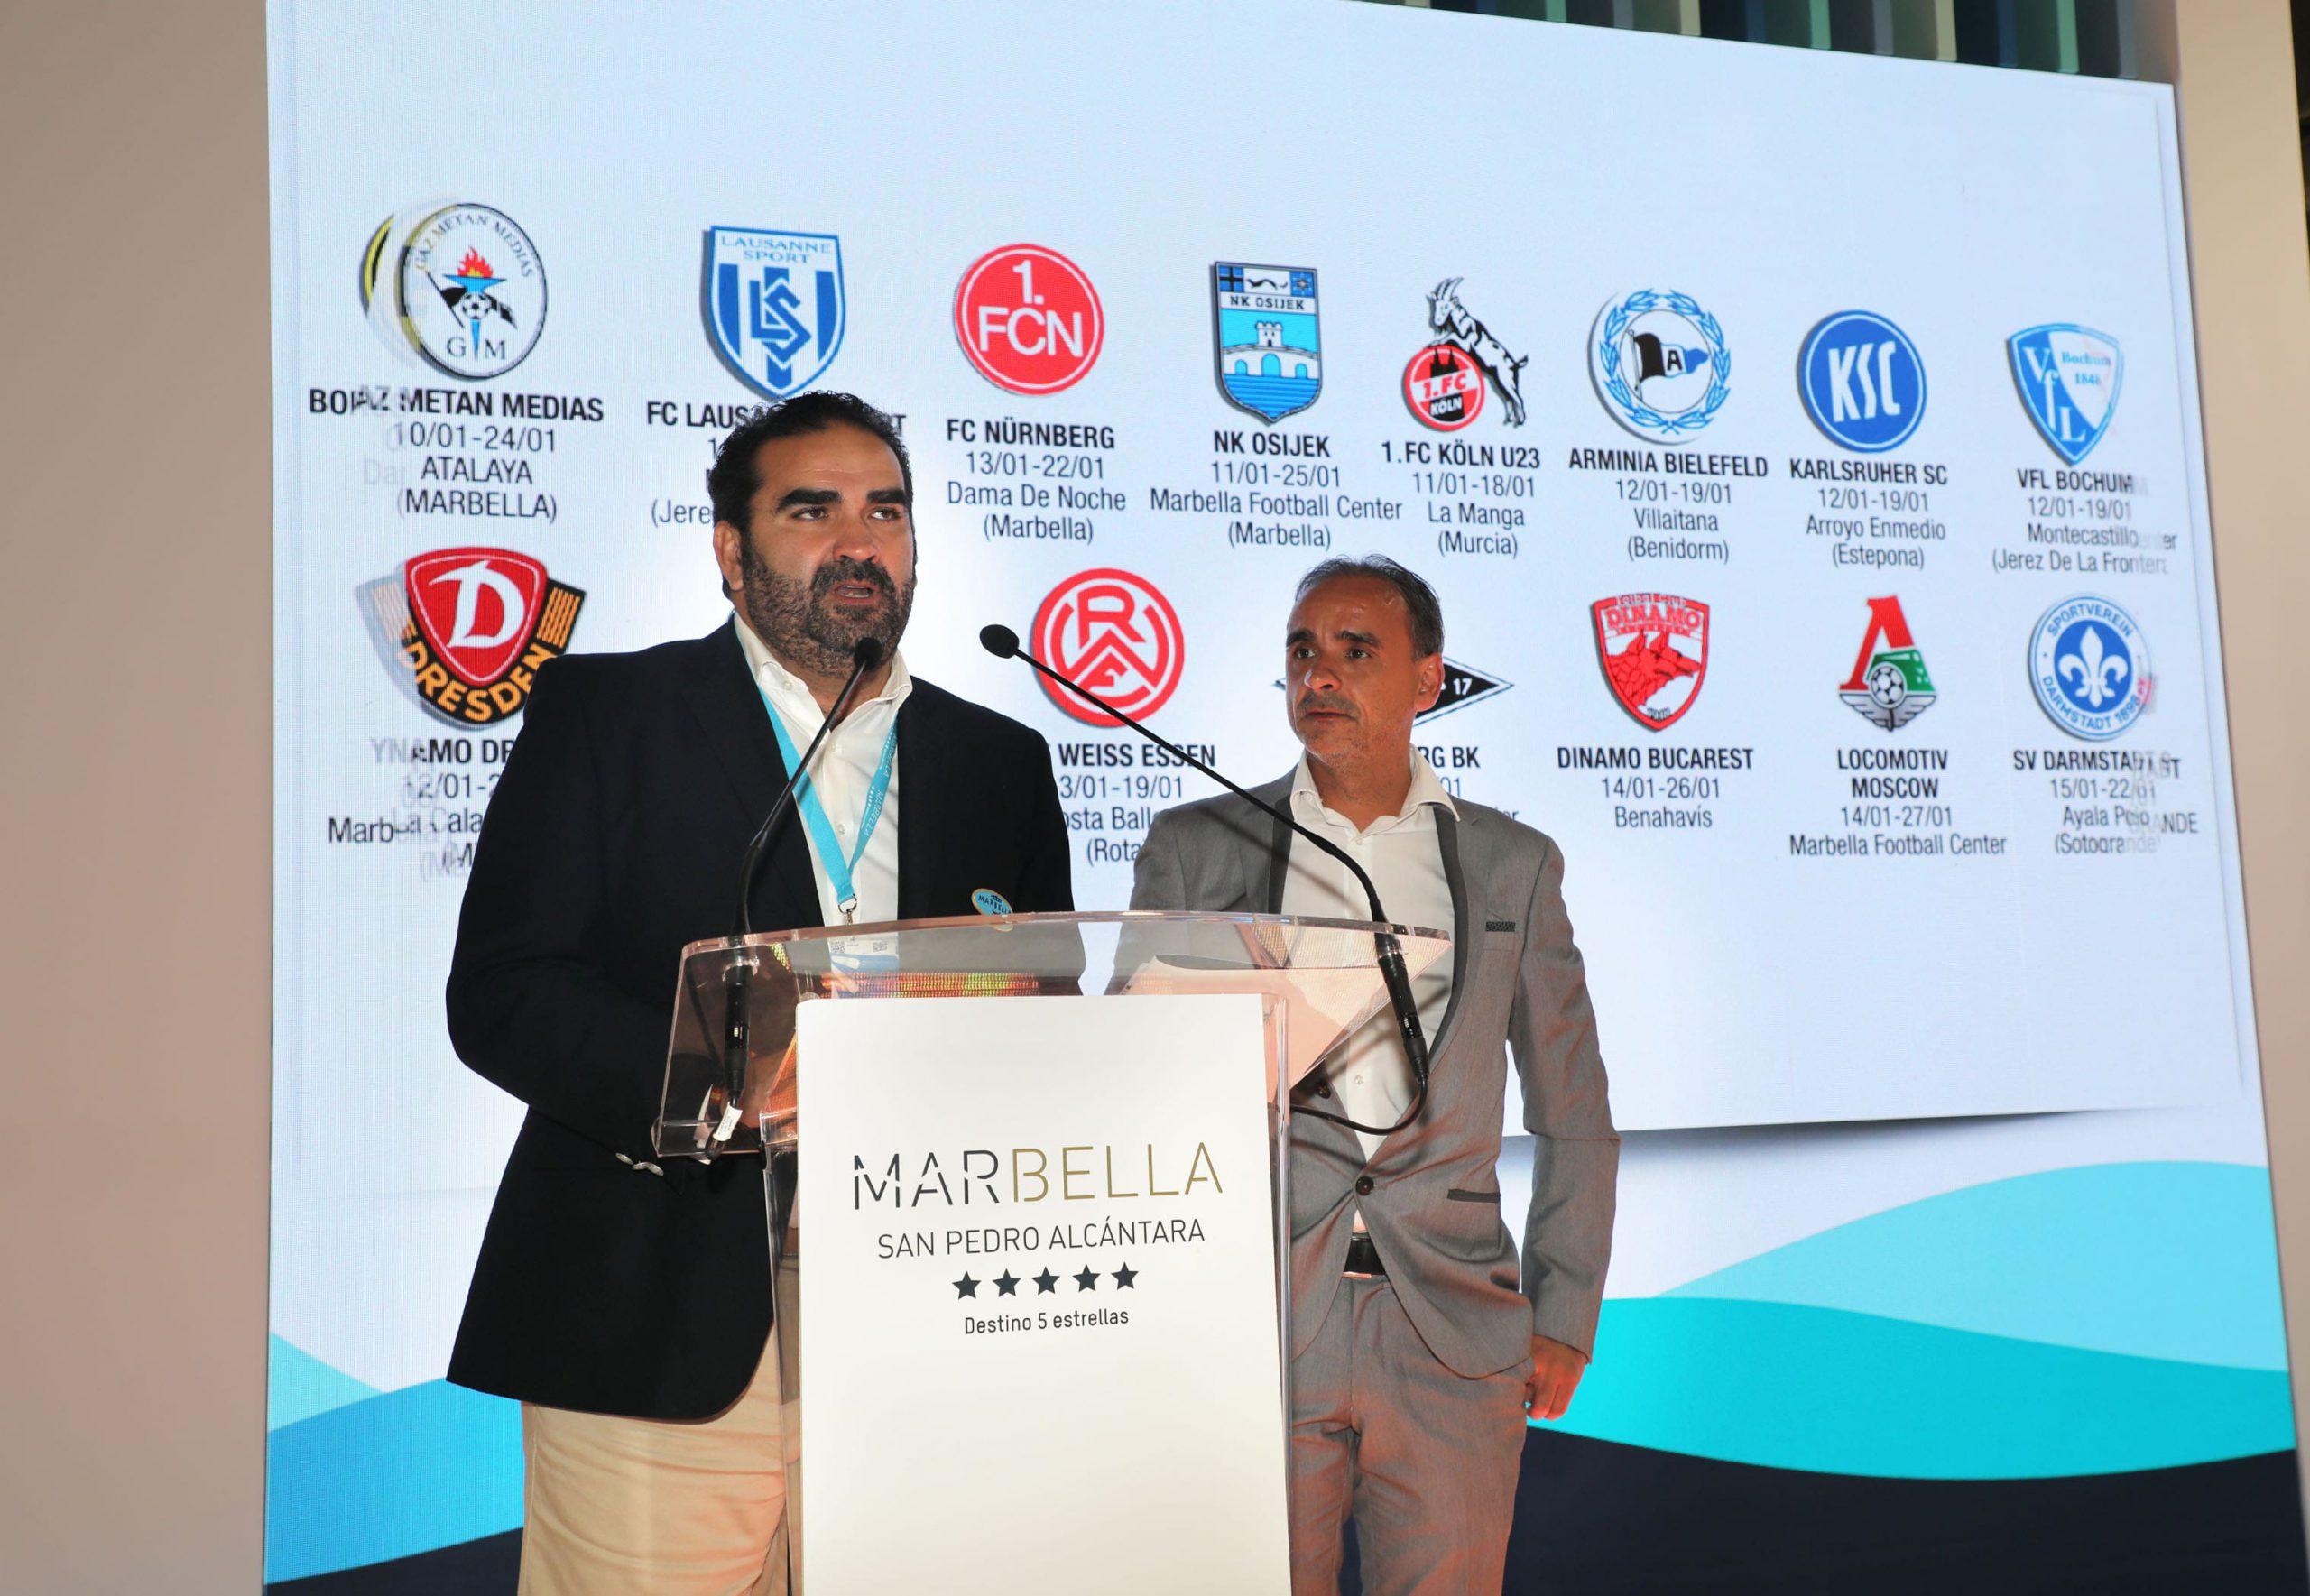 Marbella Football Center. Fitur 2020